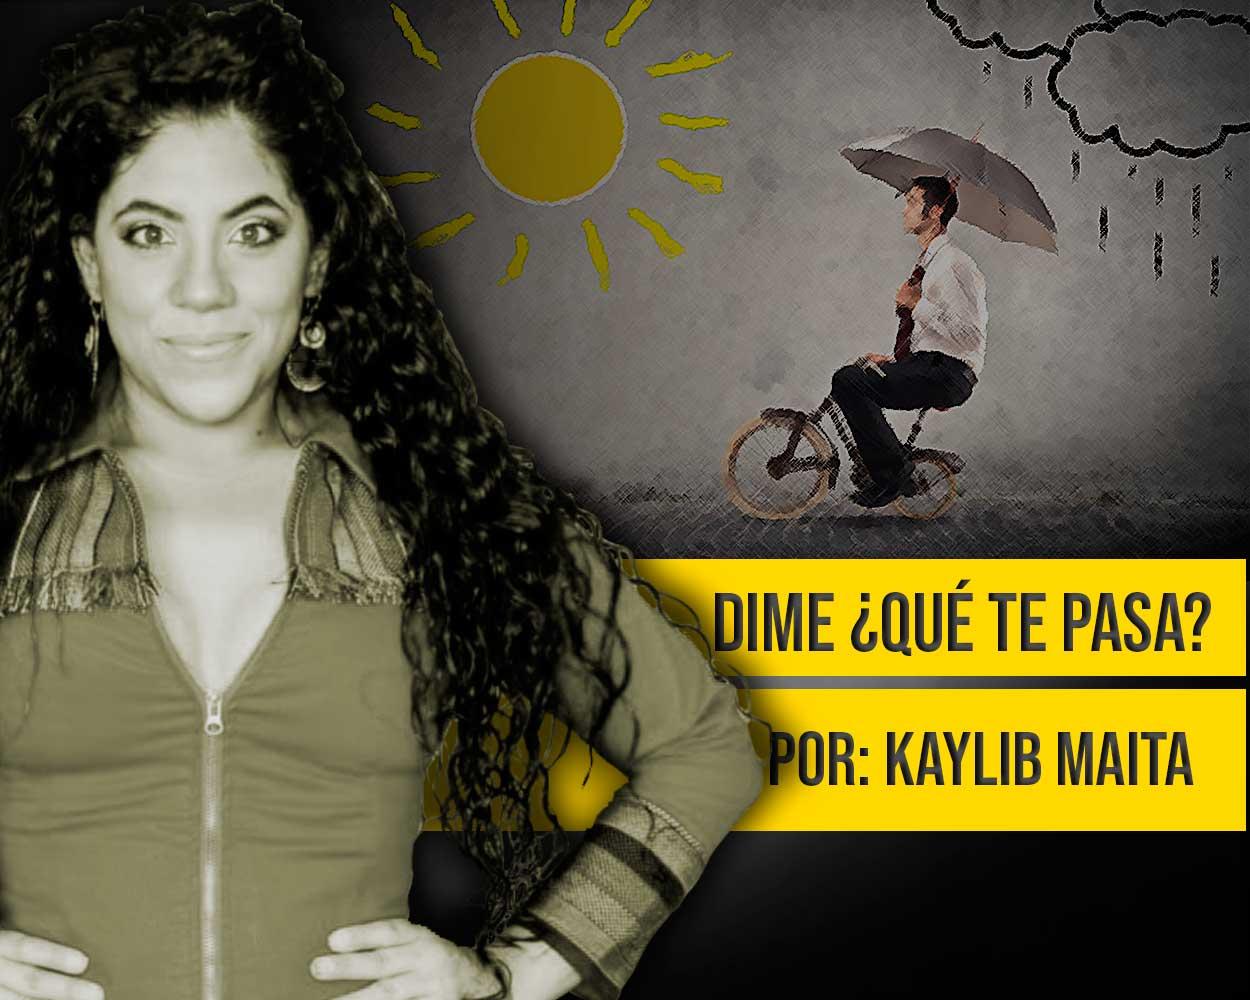 Kaylib Maita que te pasa venezolanos en Peru